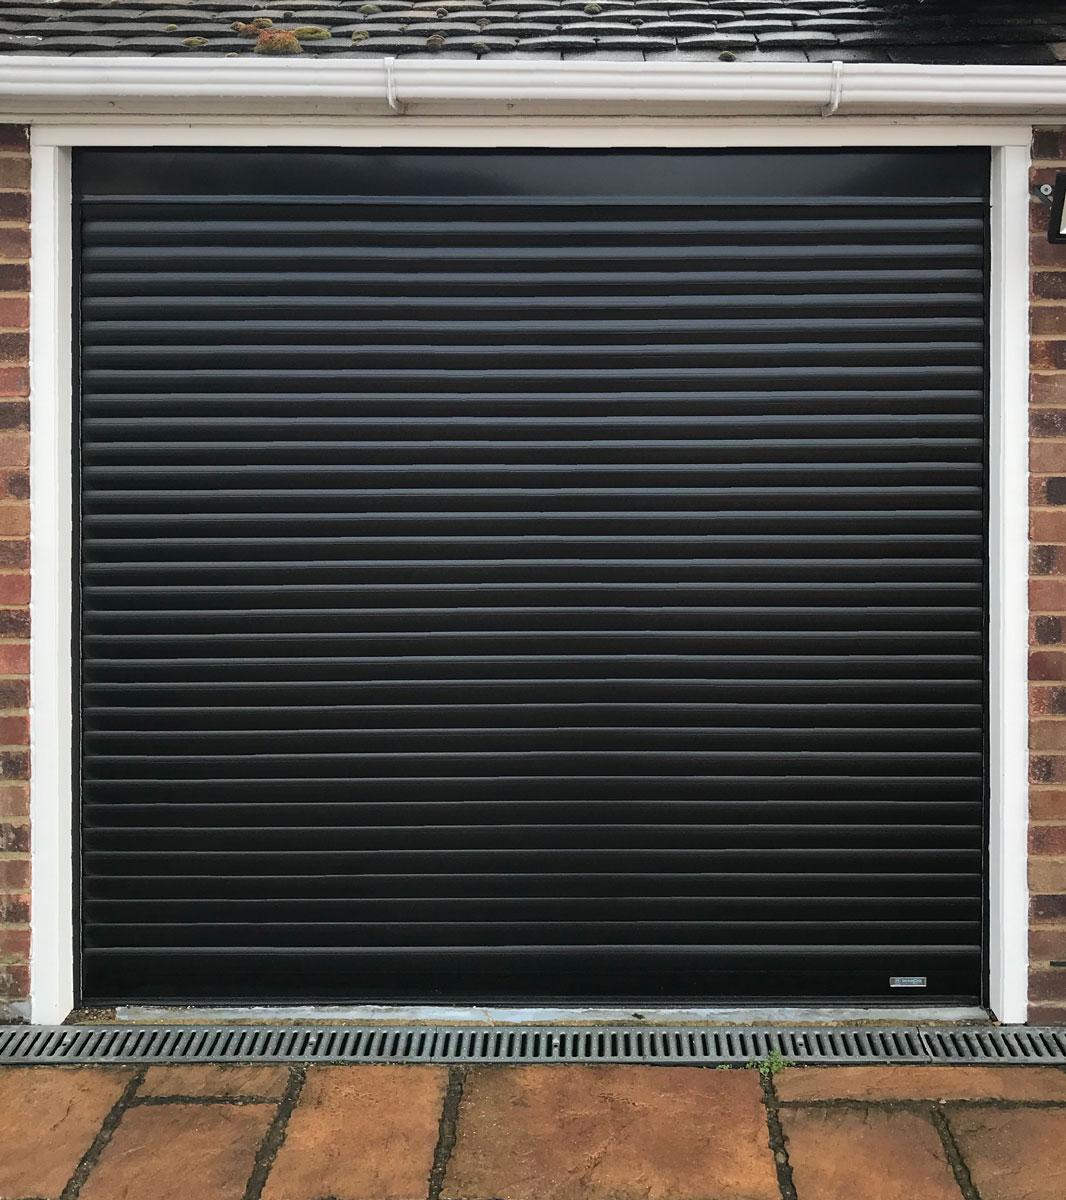 SWS Seceuroglide Compact Roller Garage Door